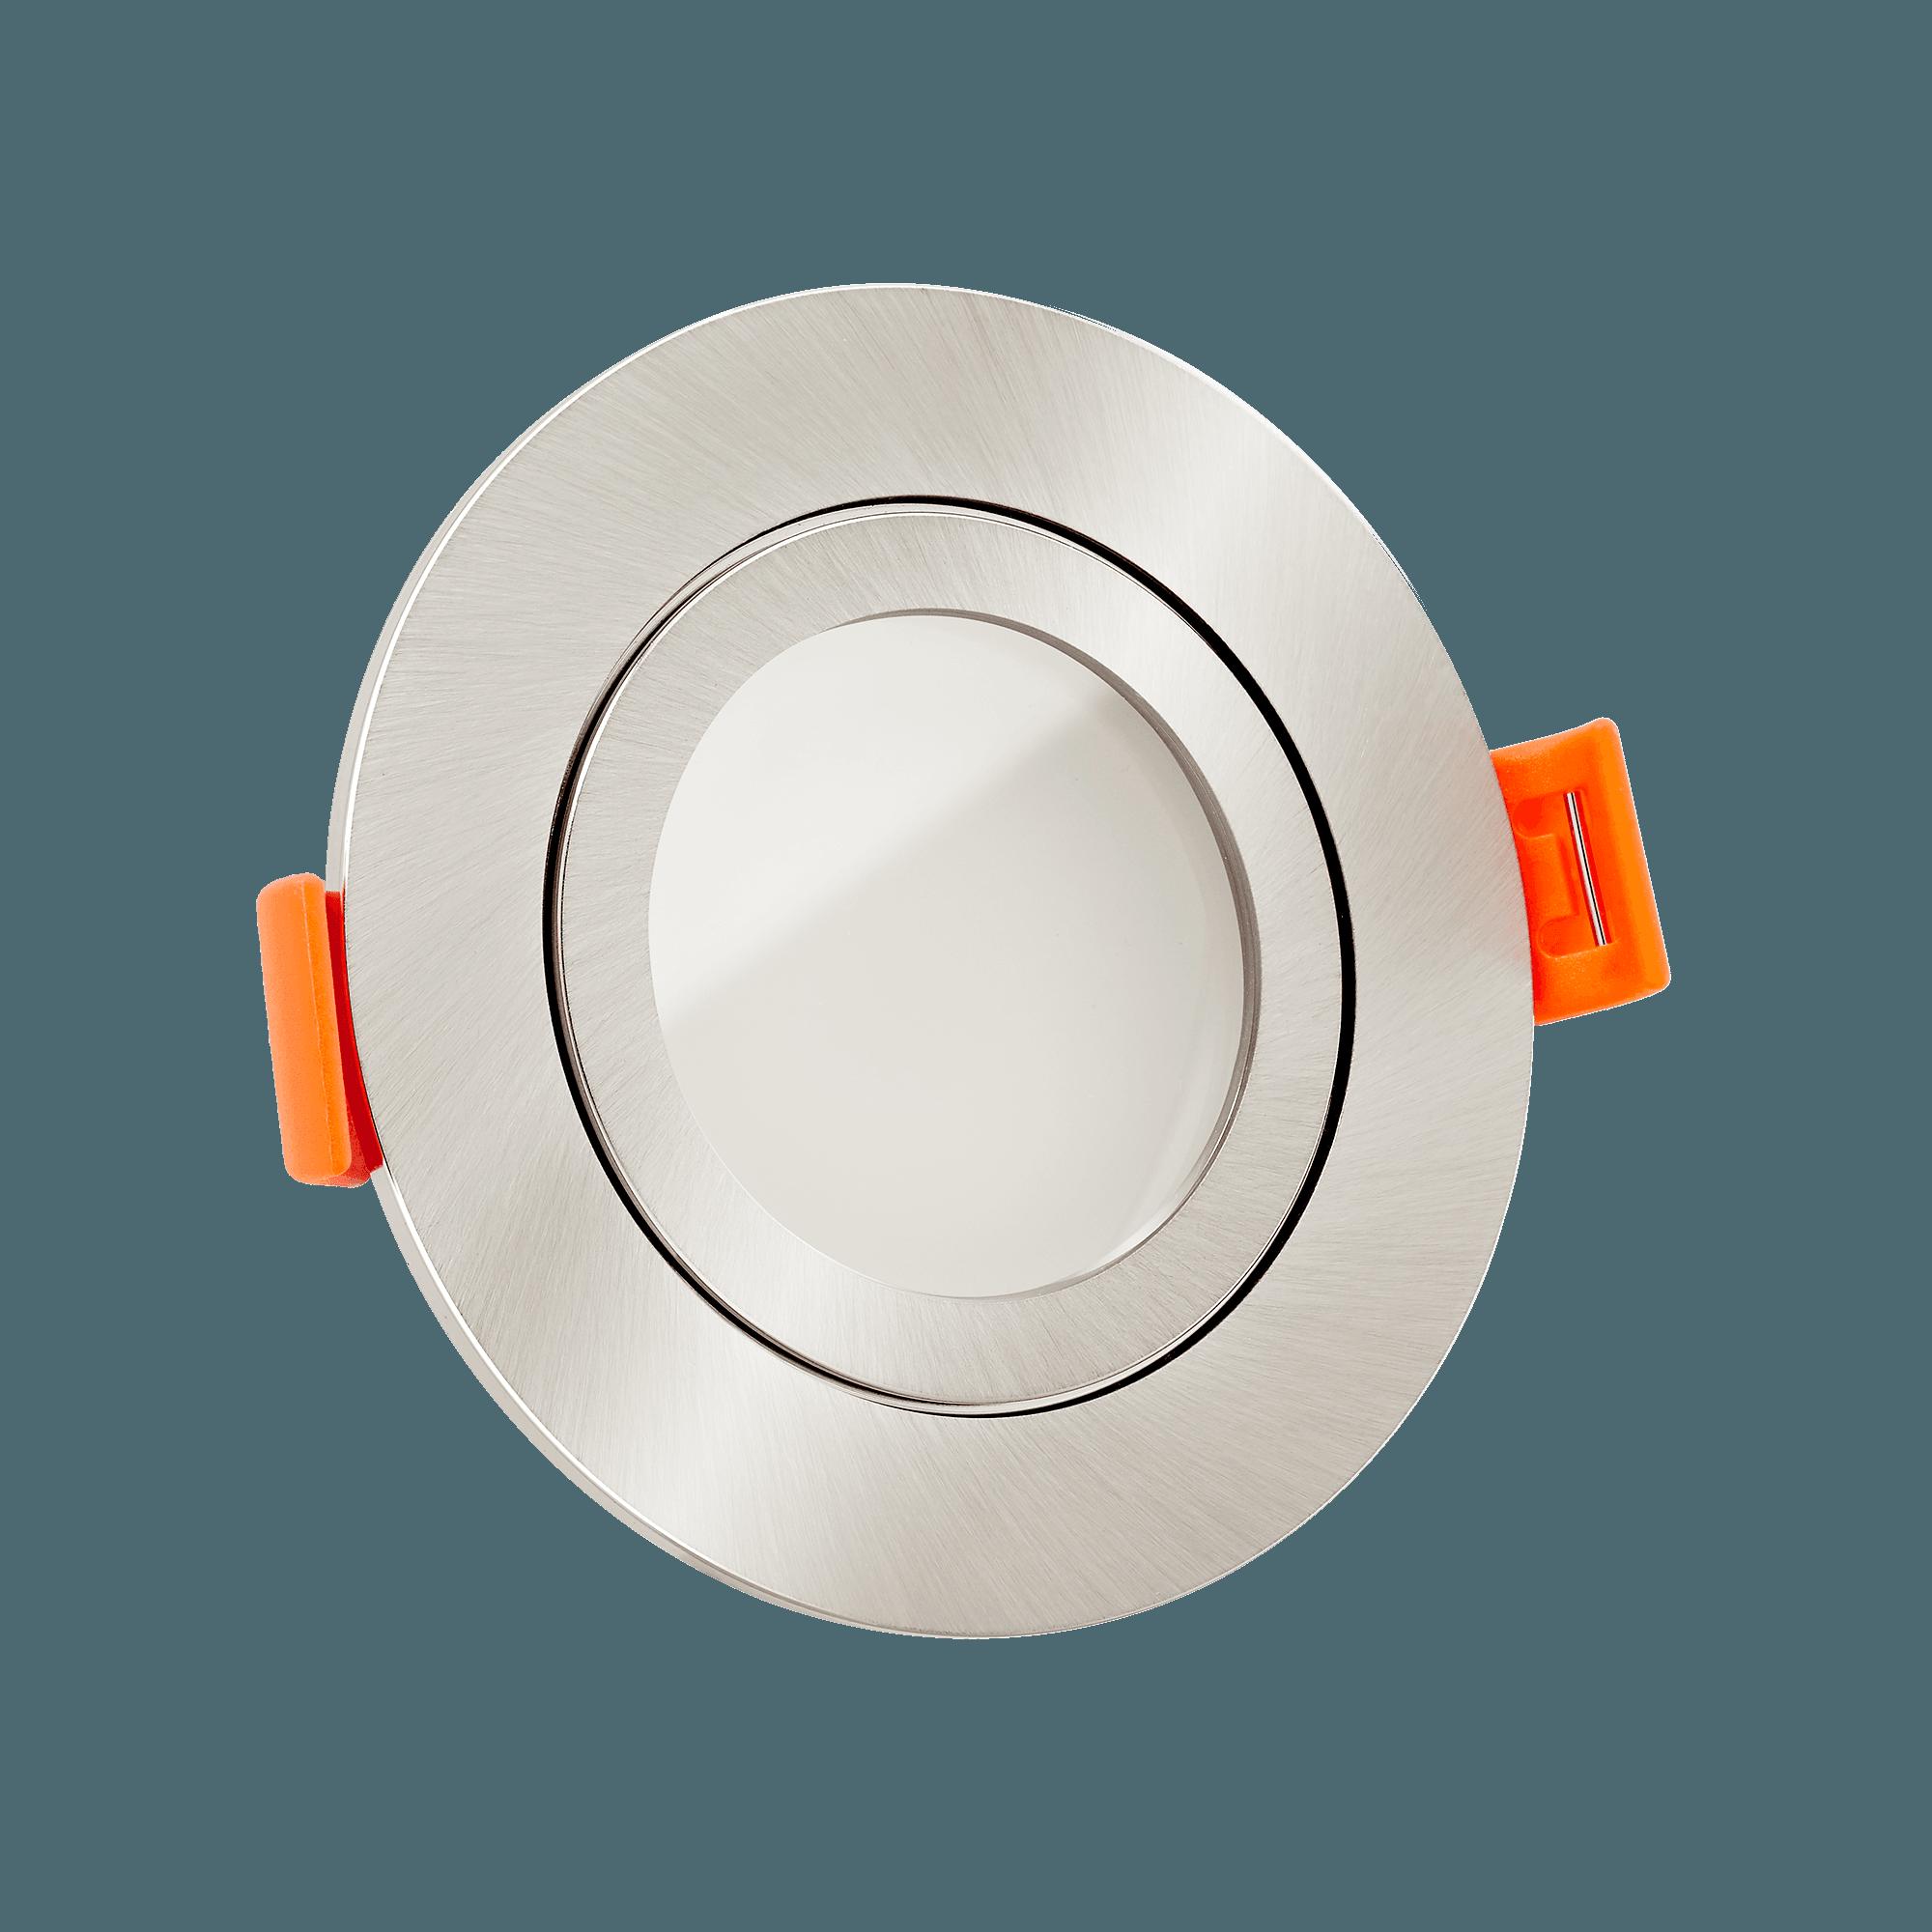 Bad Led Einbaustrahler Dimmbar Ip44 6w Statt 70w 230v 25mm